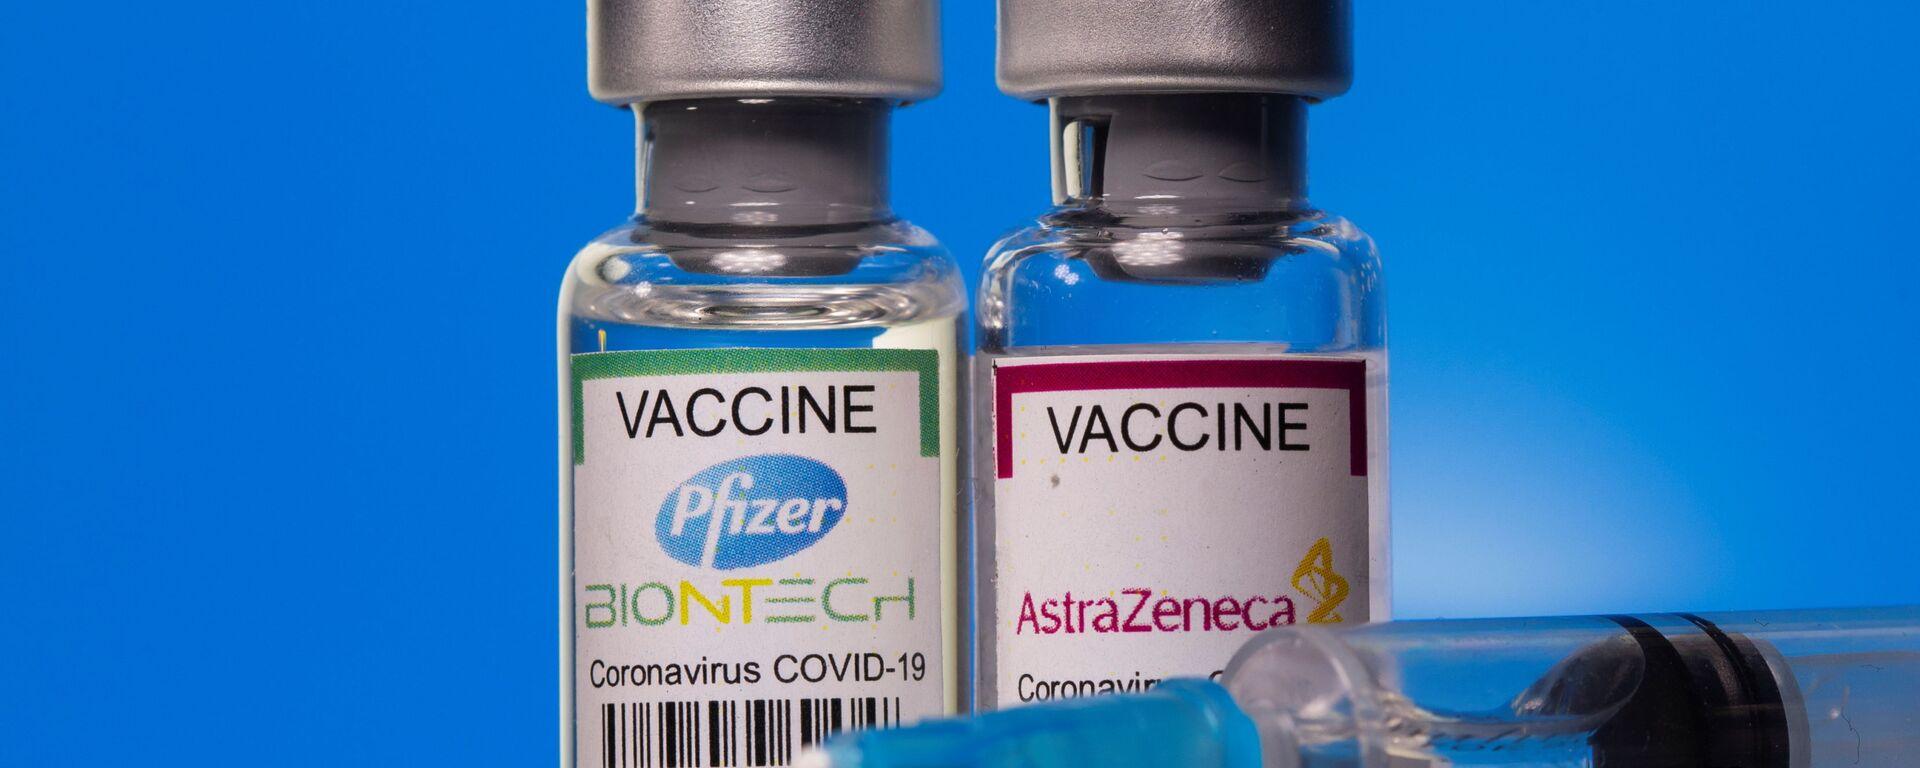 Fiale con vaccini anti-COVID Pfizer ed AstraZeneca - Sputnik Italia, 1920, 06.08.2021